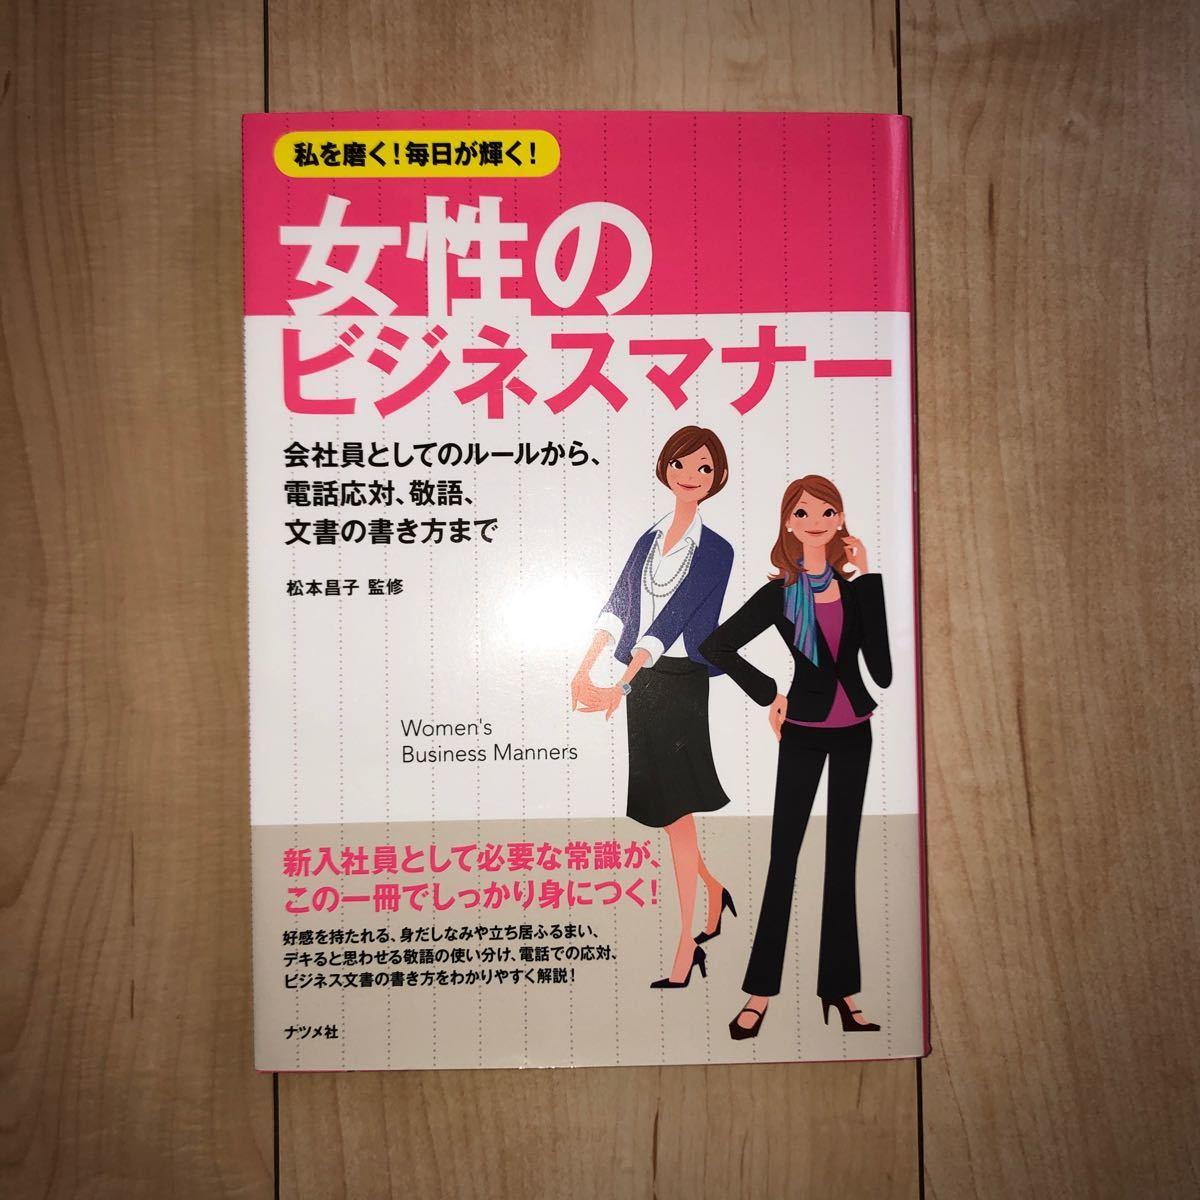 【未使用】女性のビジネスマナー マナー本 ビジネス 社会人